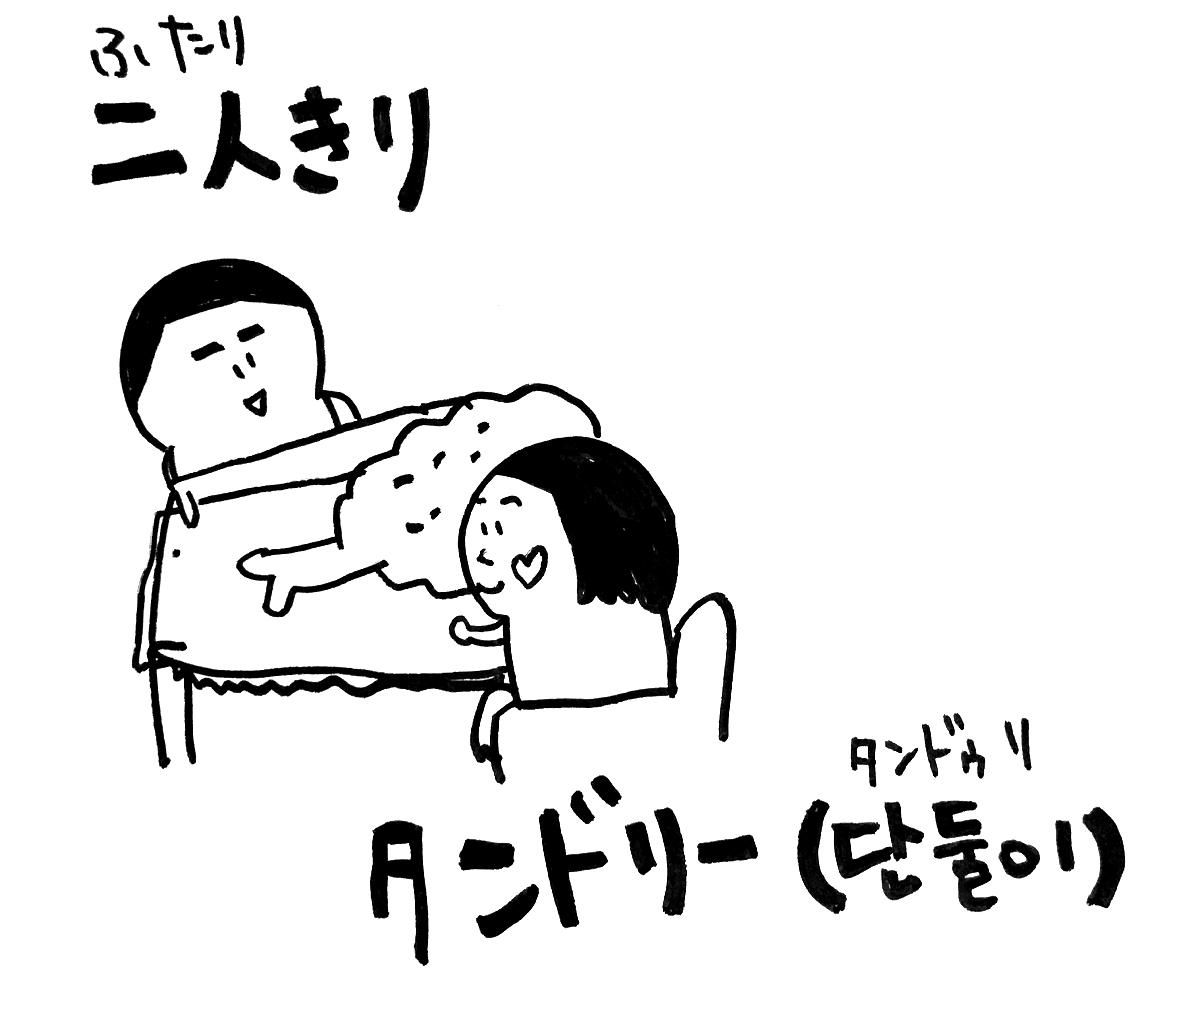 日本語「二人きり」→韓国語「タンドリー(단둘이)」 - 語呂で覚える ...